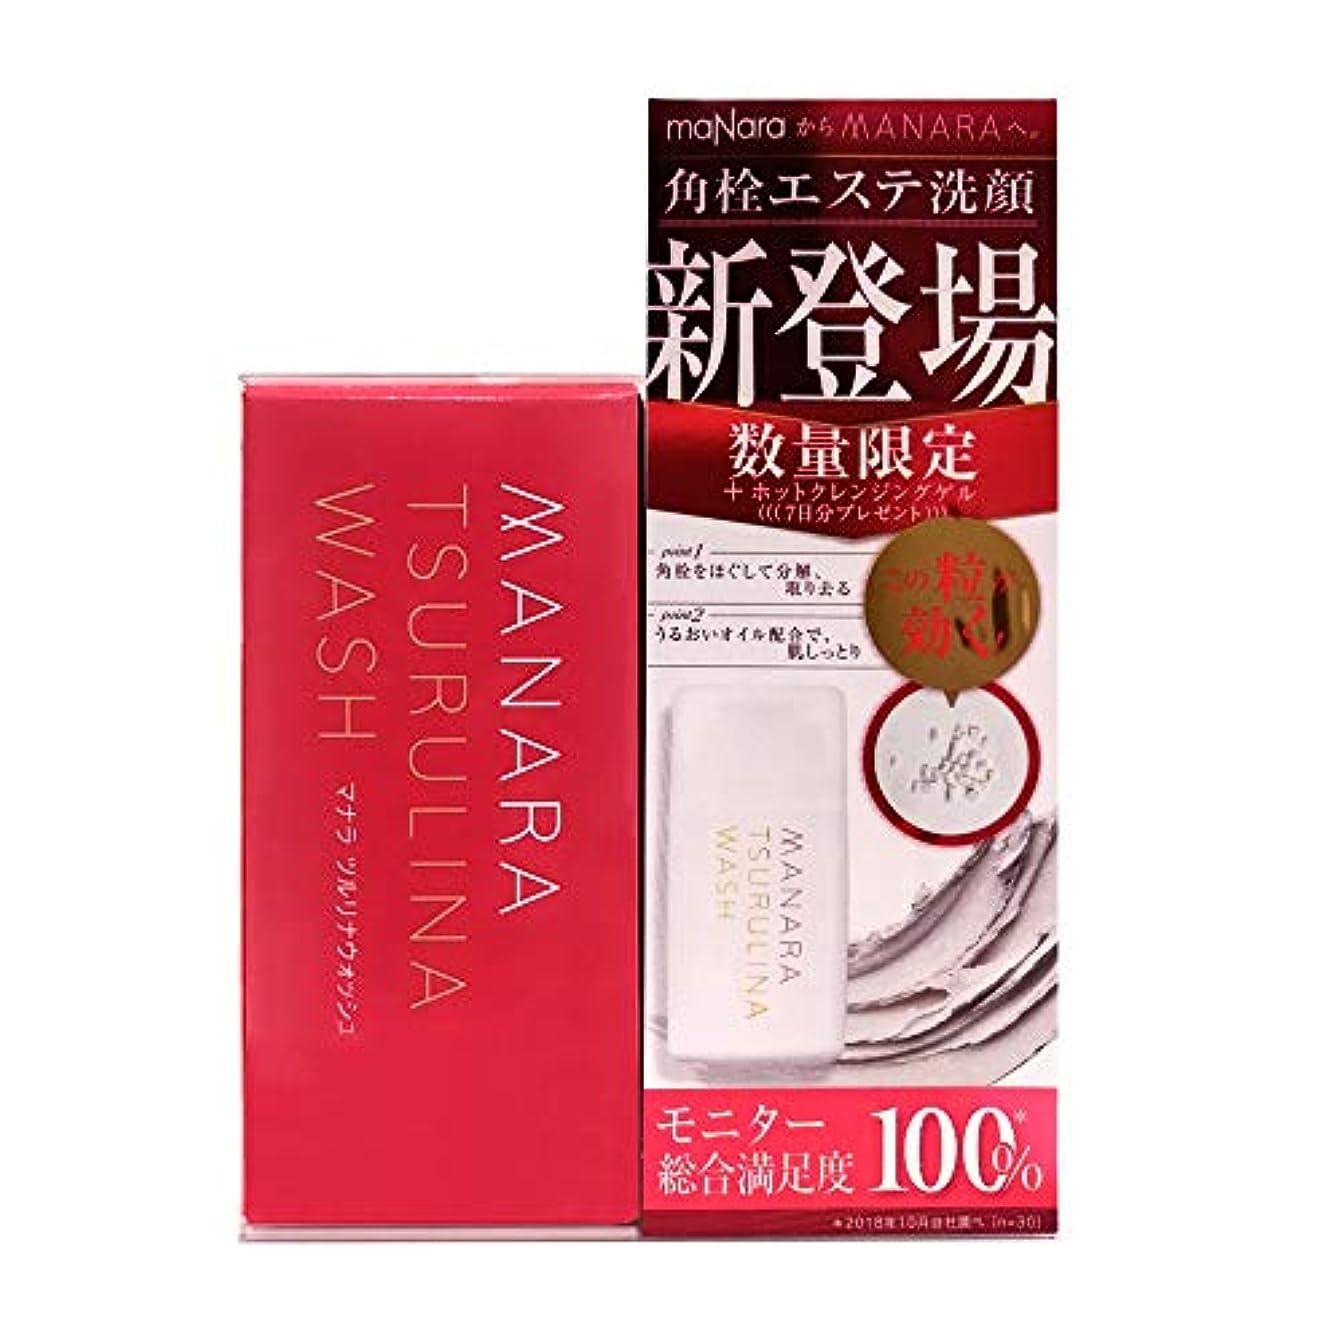 市場く旋回マナラ ツルリナウォッシュ 45g【ホットクレンジングゲルサンプル7包付】